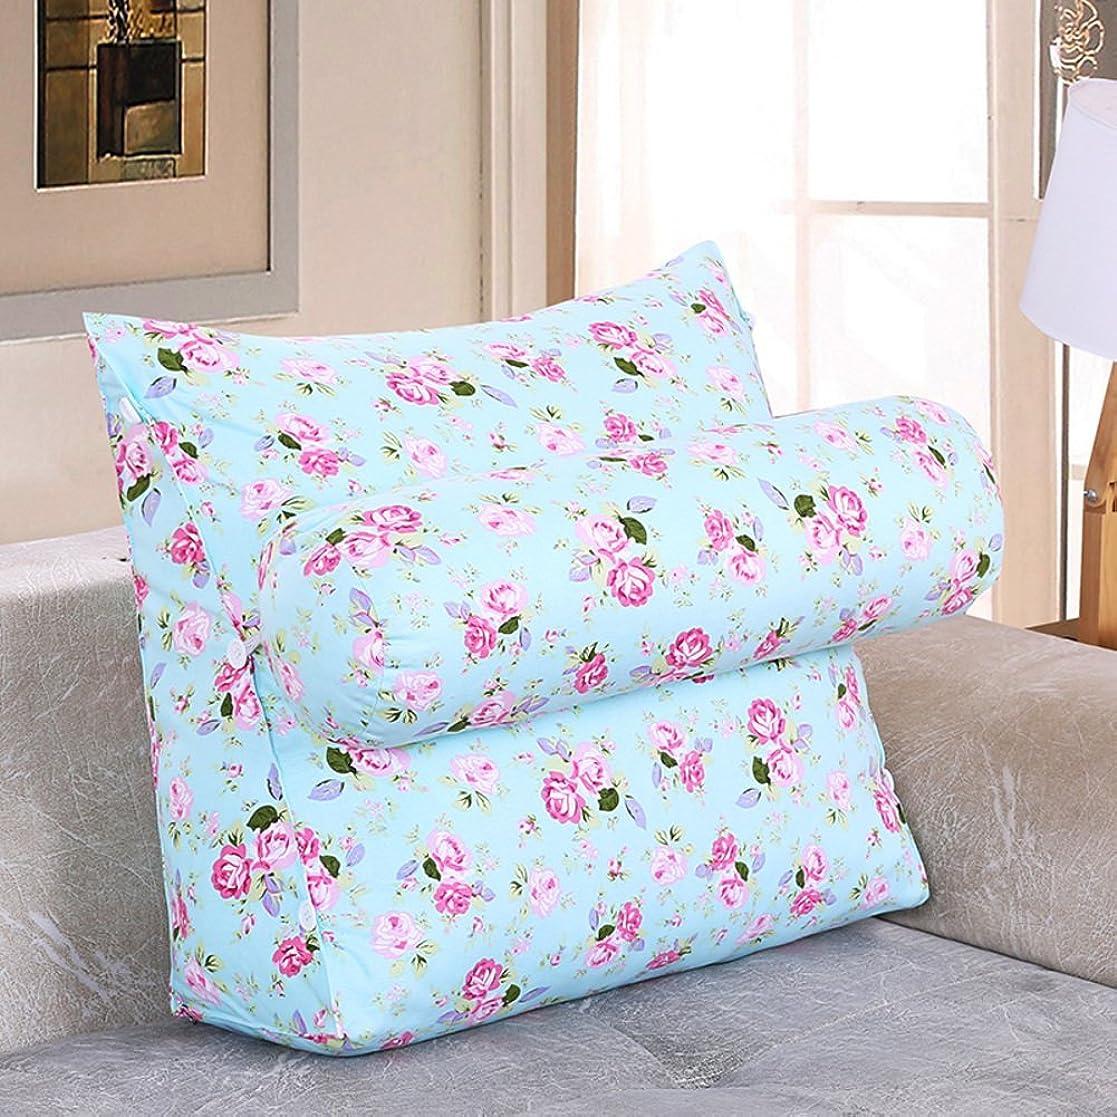 ガレージレモン素晴らしい良い多くの2J-QingYun Trade ベッドサイド三角ウェッジ、取り外し可能なウエストバッククッションオフィスバッククッションソファ枕 (Color : K, サイズ : 45x45x20cm(18x18x8inch))